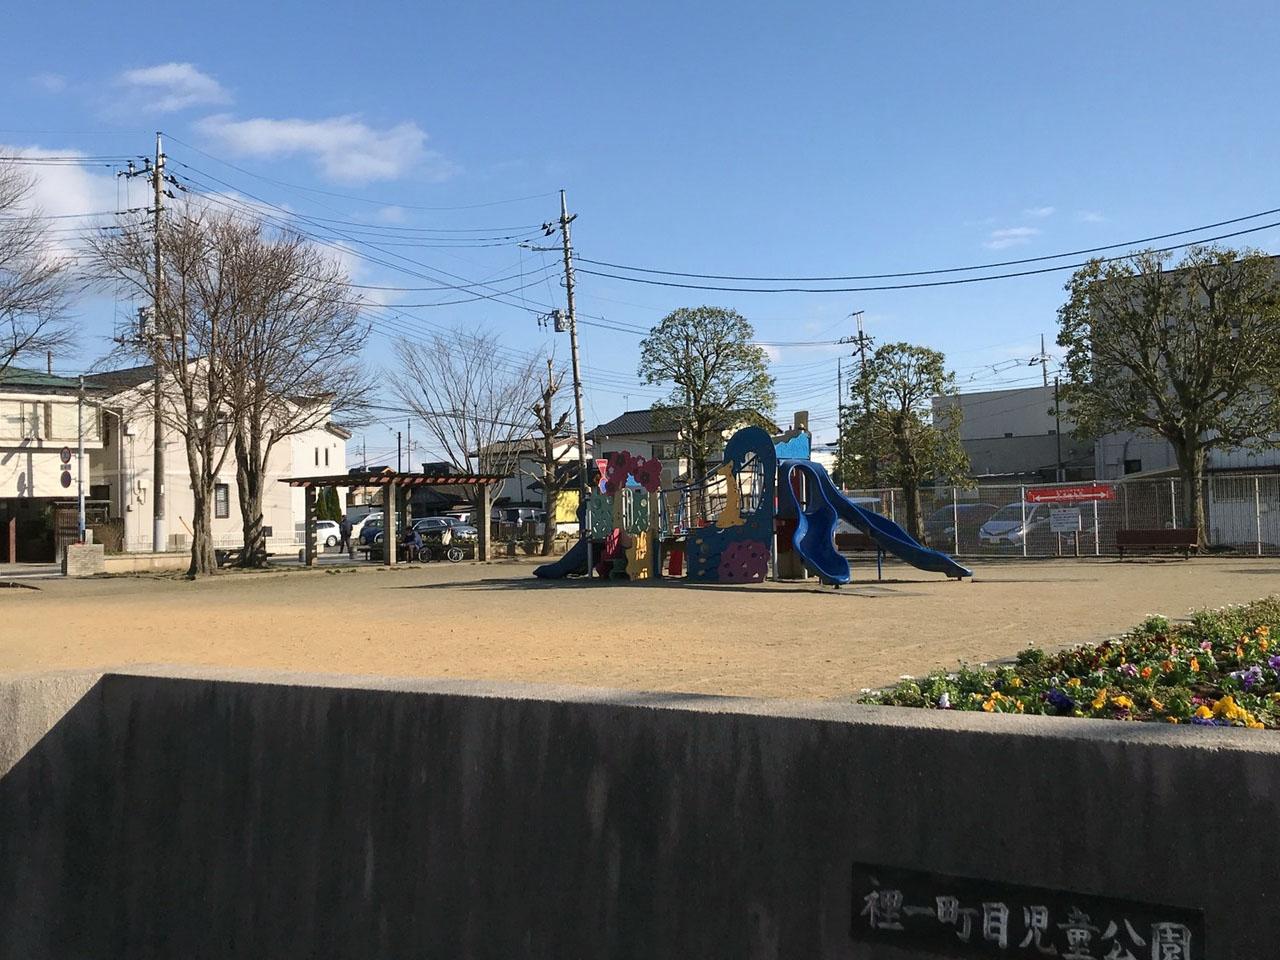 裡1丁目児童公園